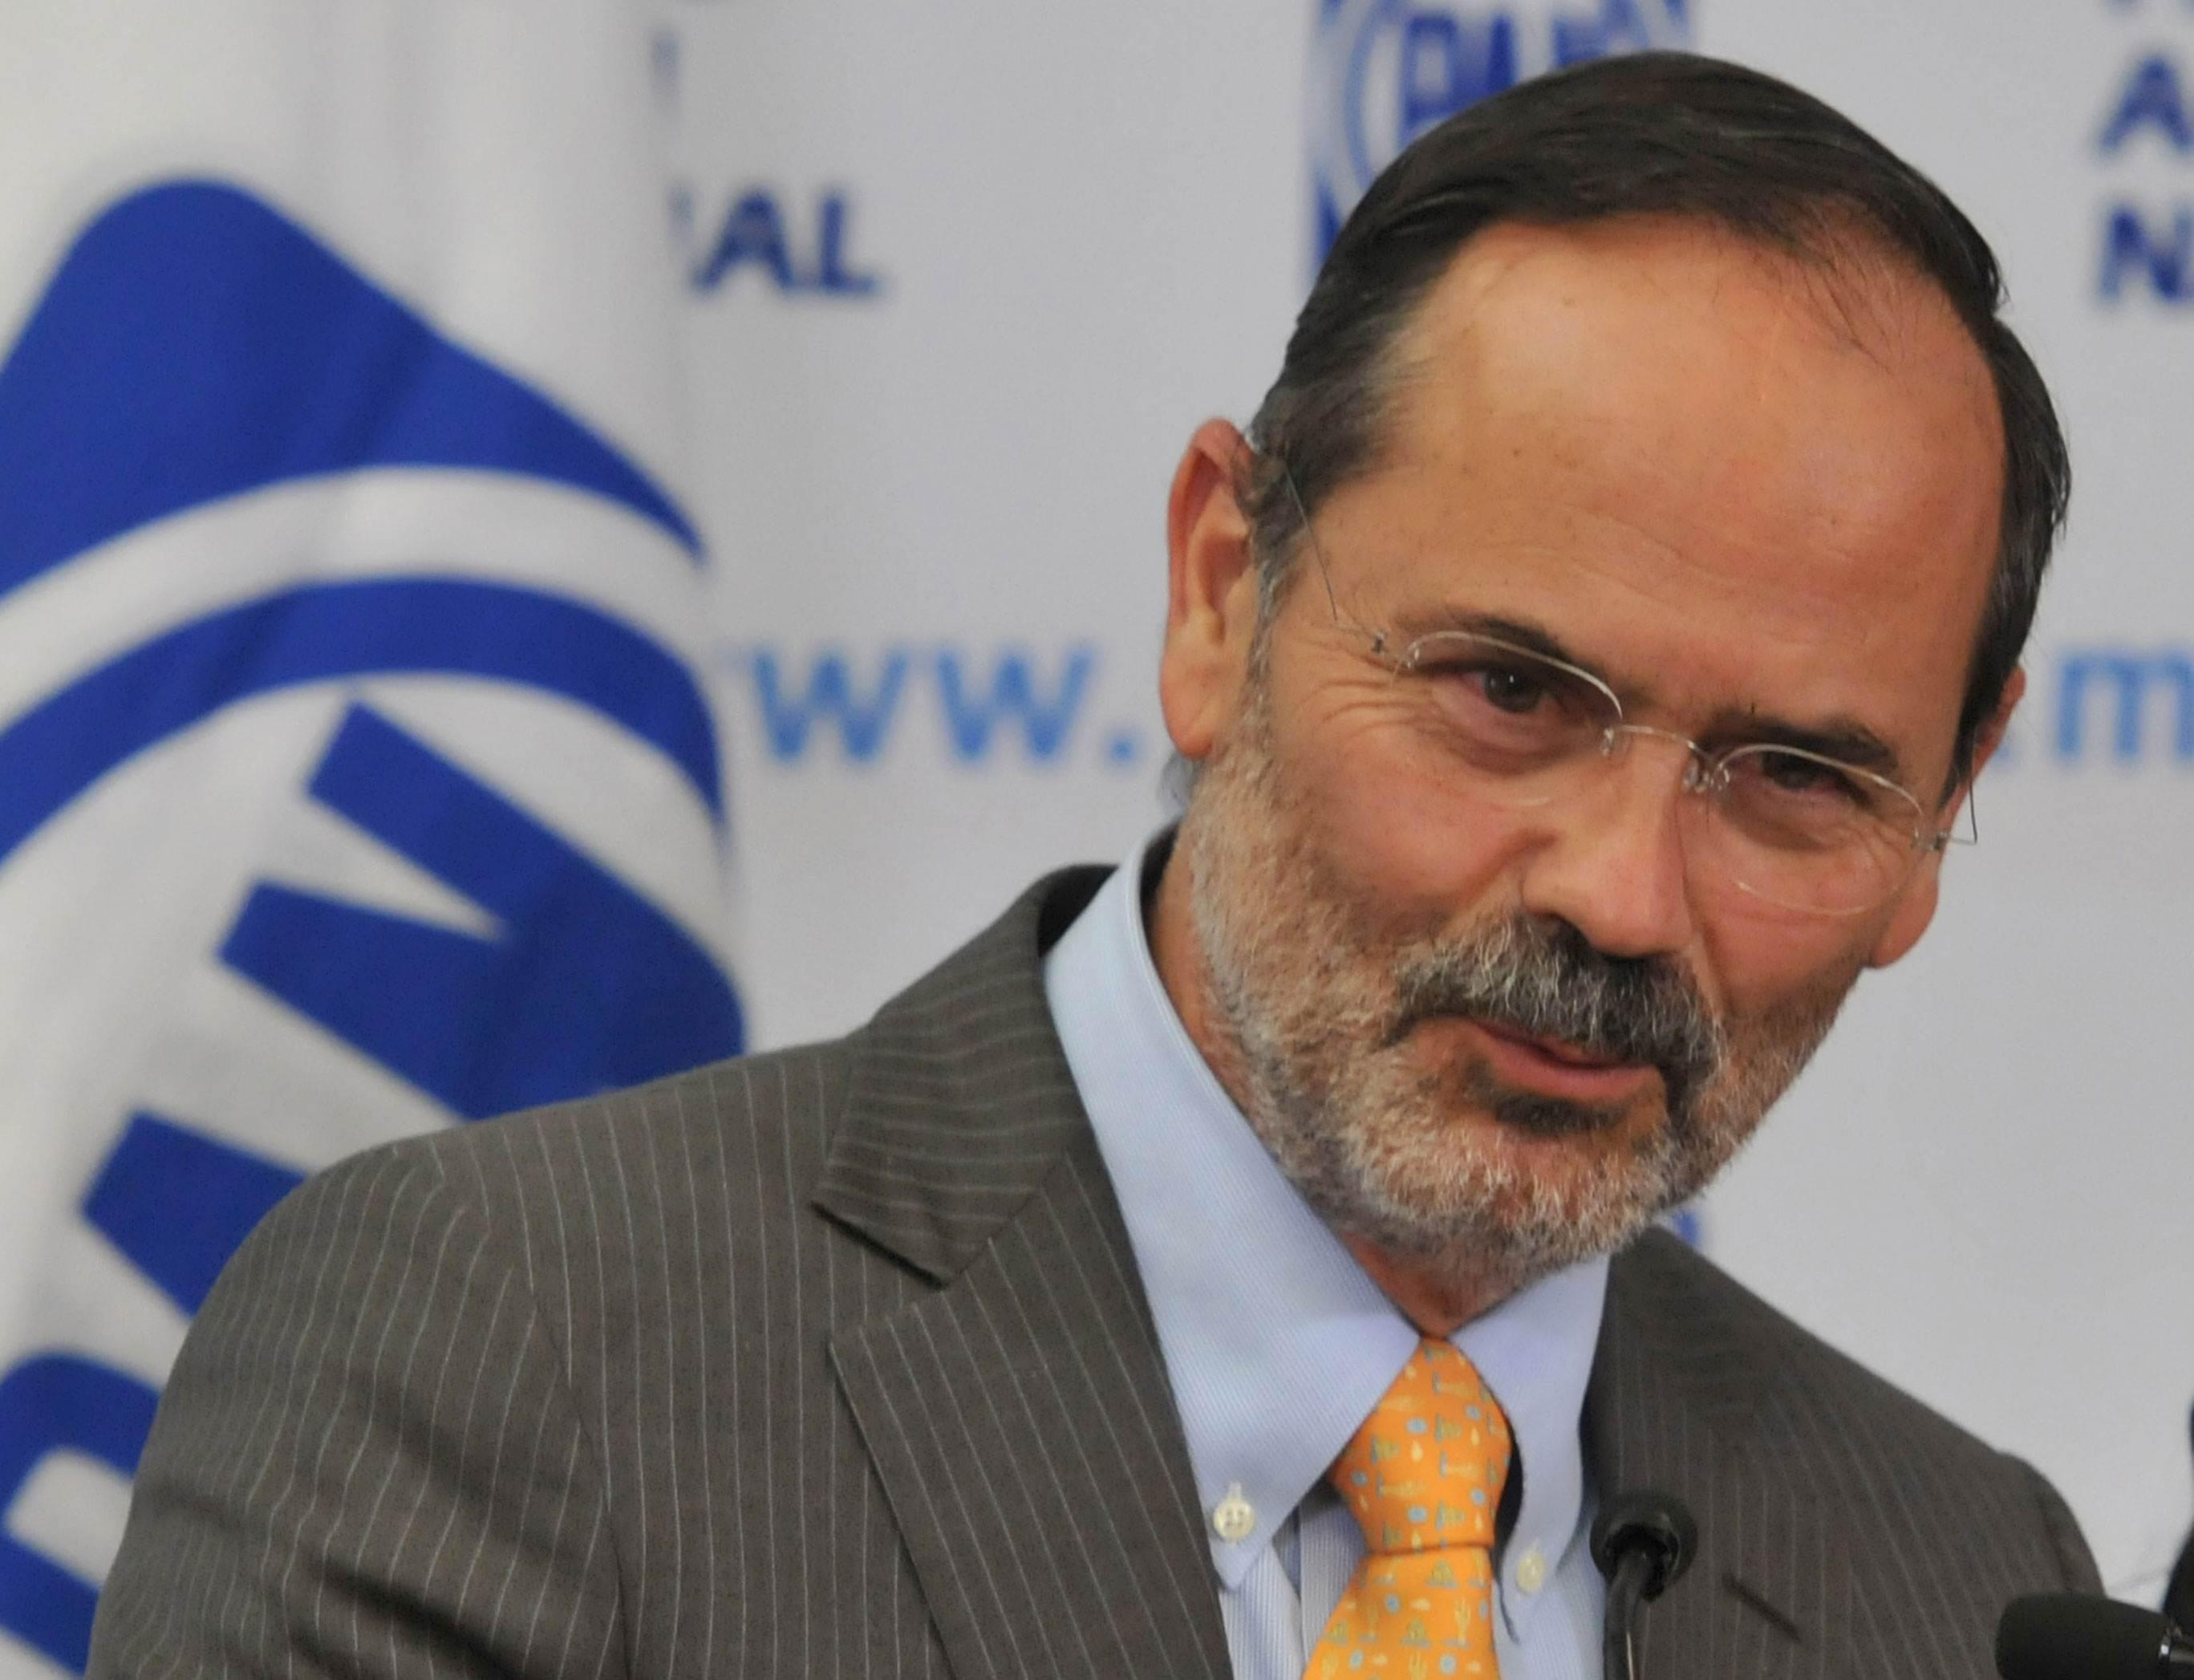 Nuevas declaraciones de Madero señalan a exgobernador de Chihuahua